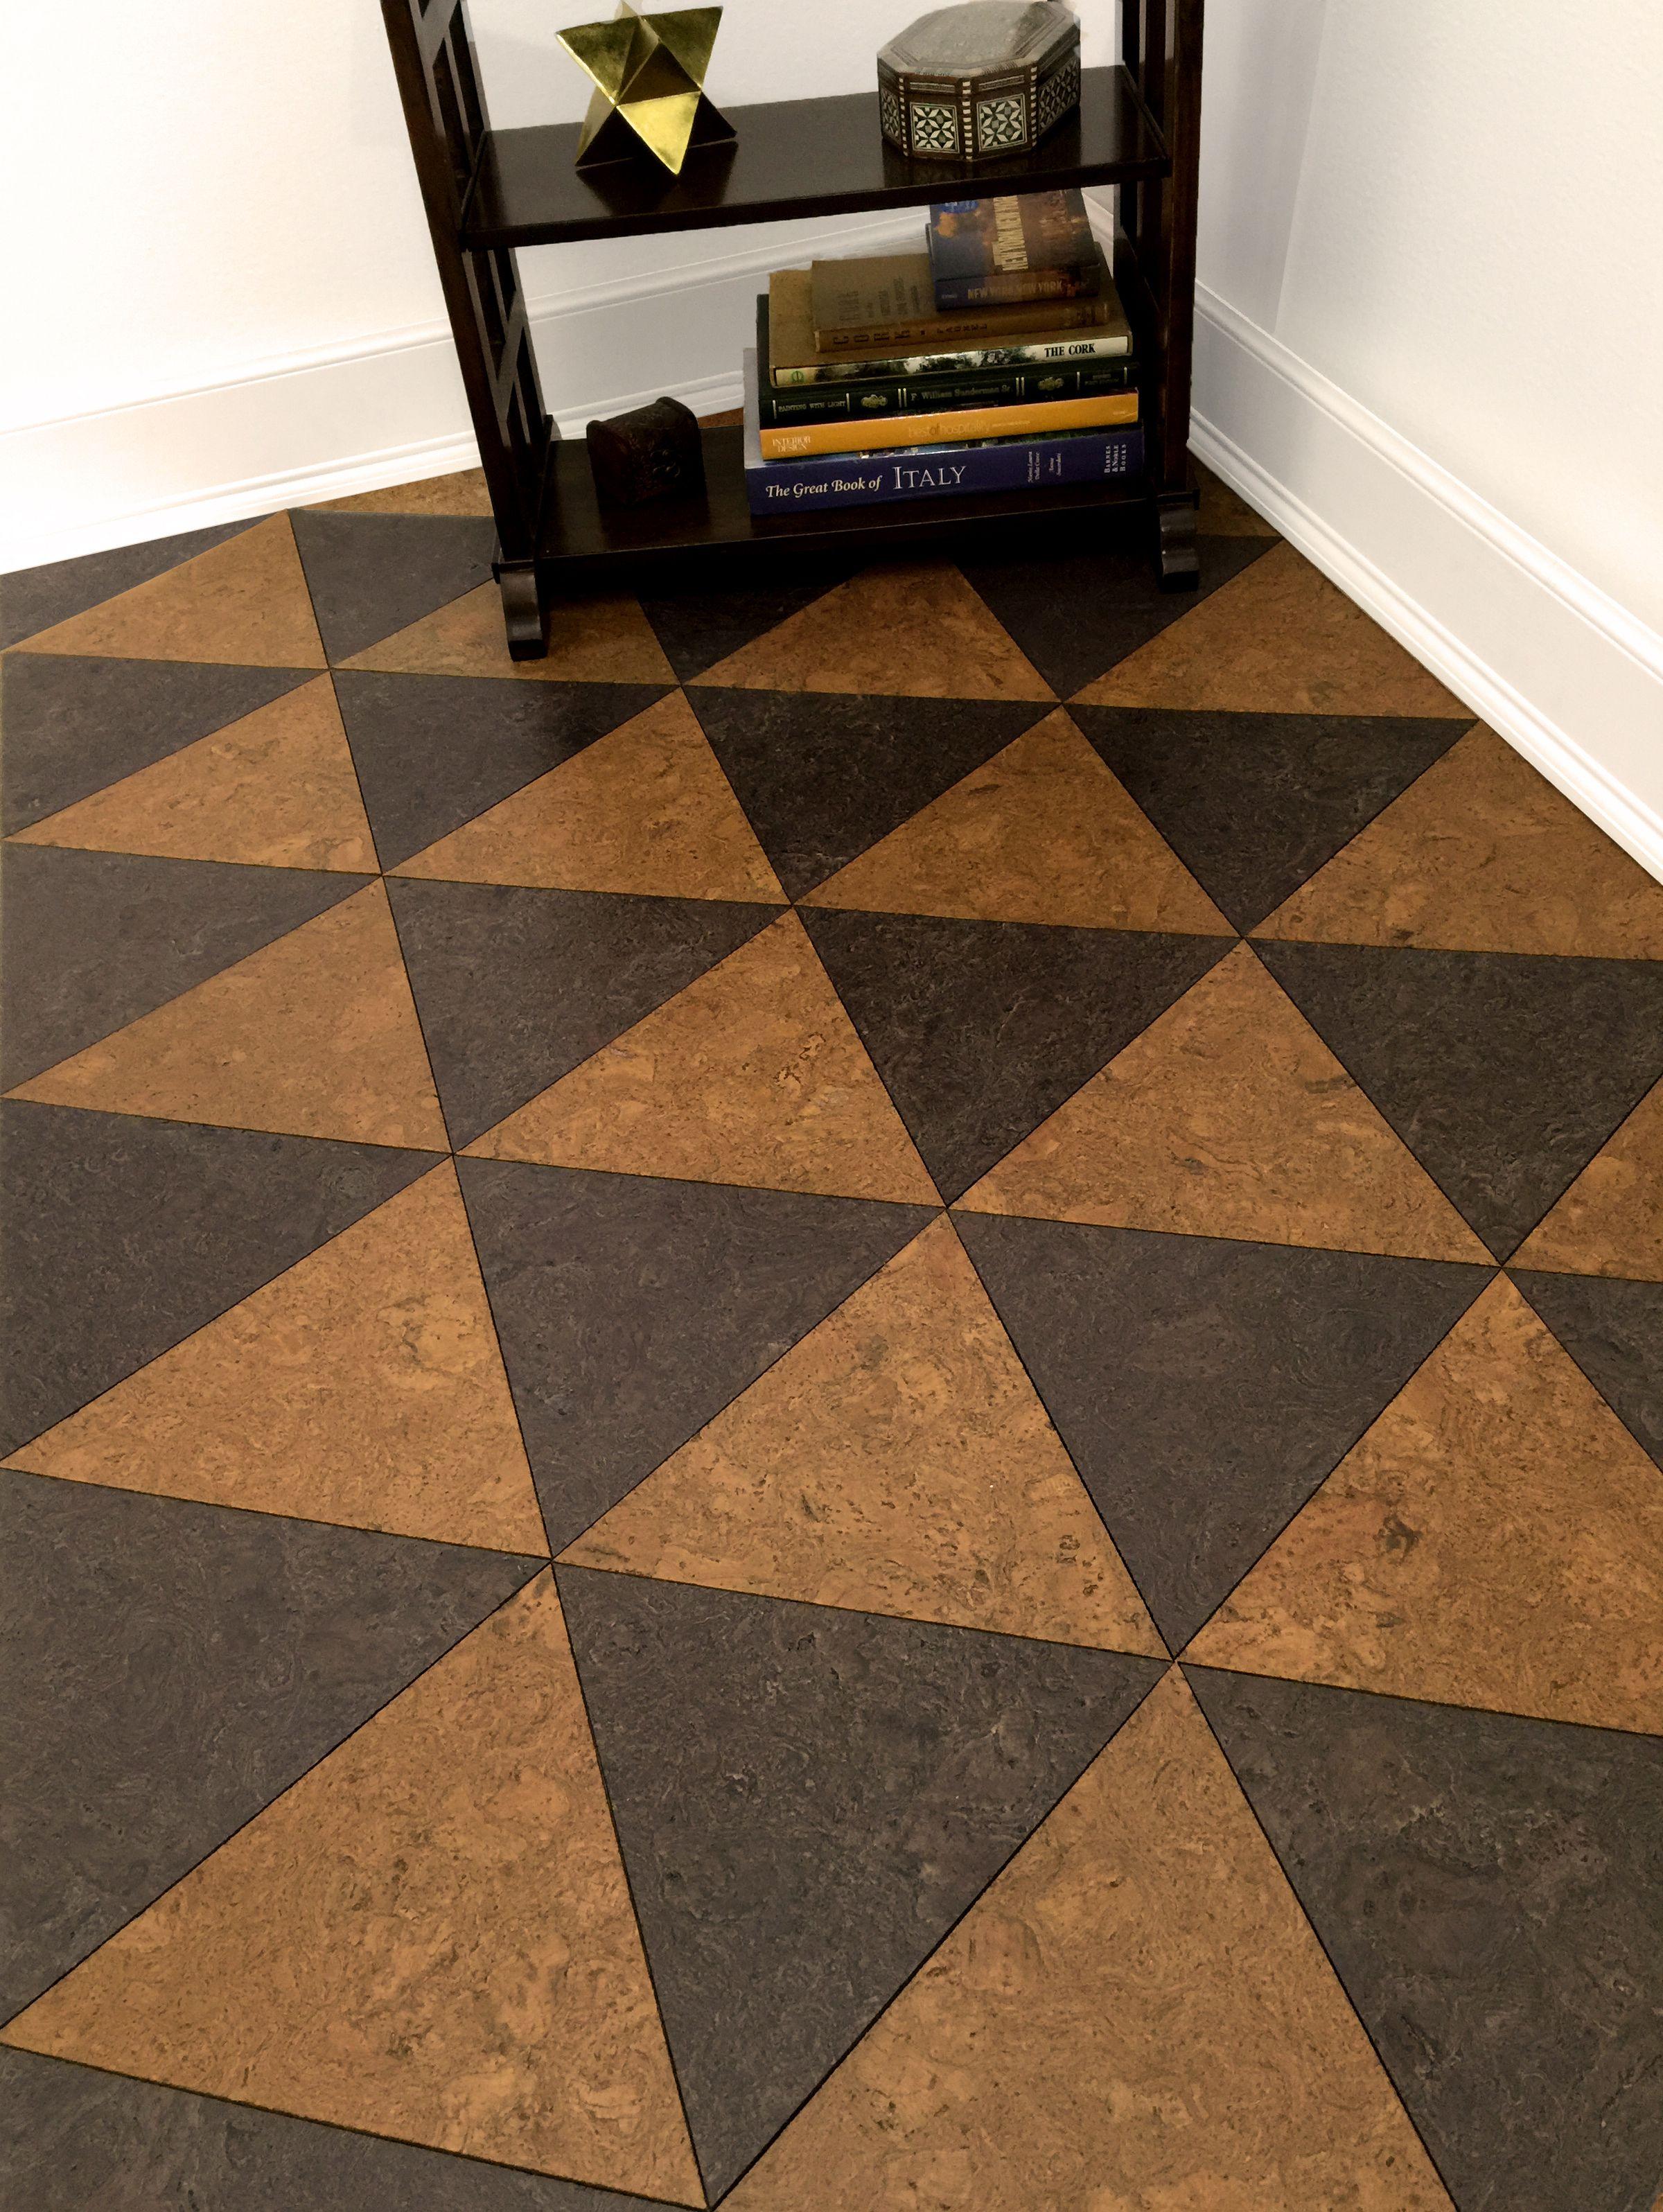 cork floor tiles #cork #tiles for #flooring. yes, this is a cork floor from corkfloor.com THGFDMG